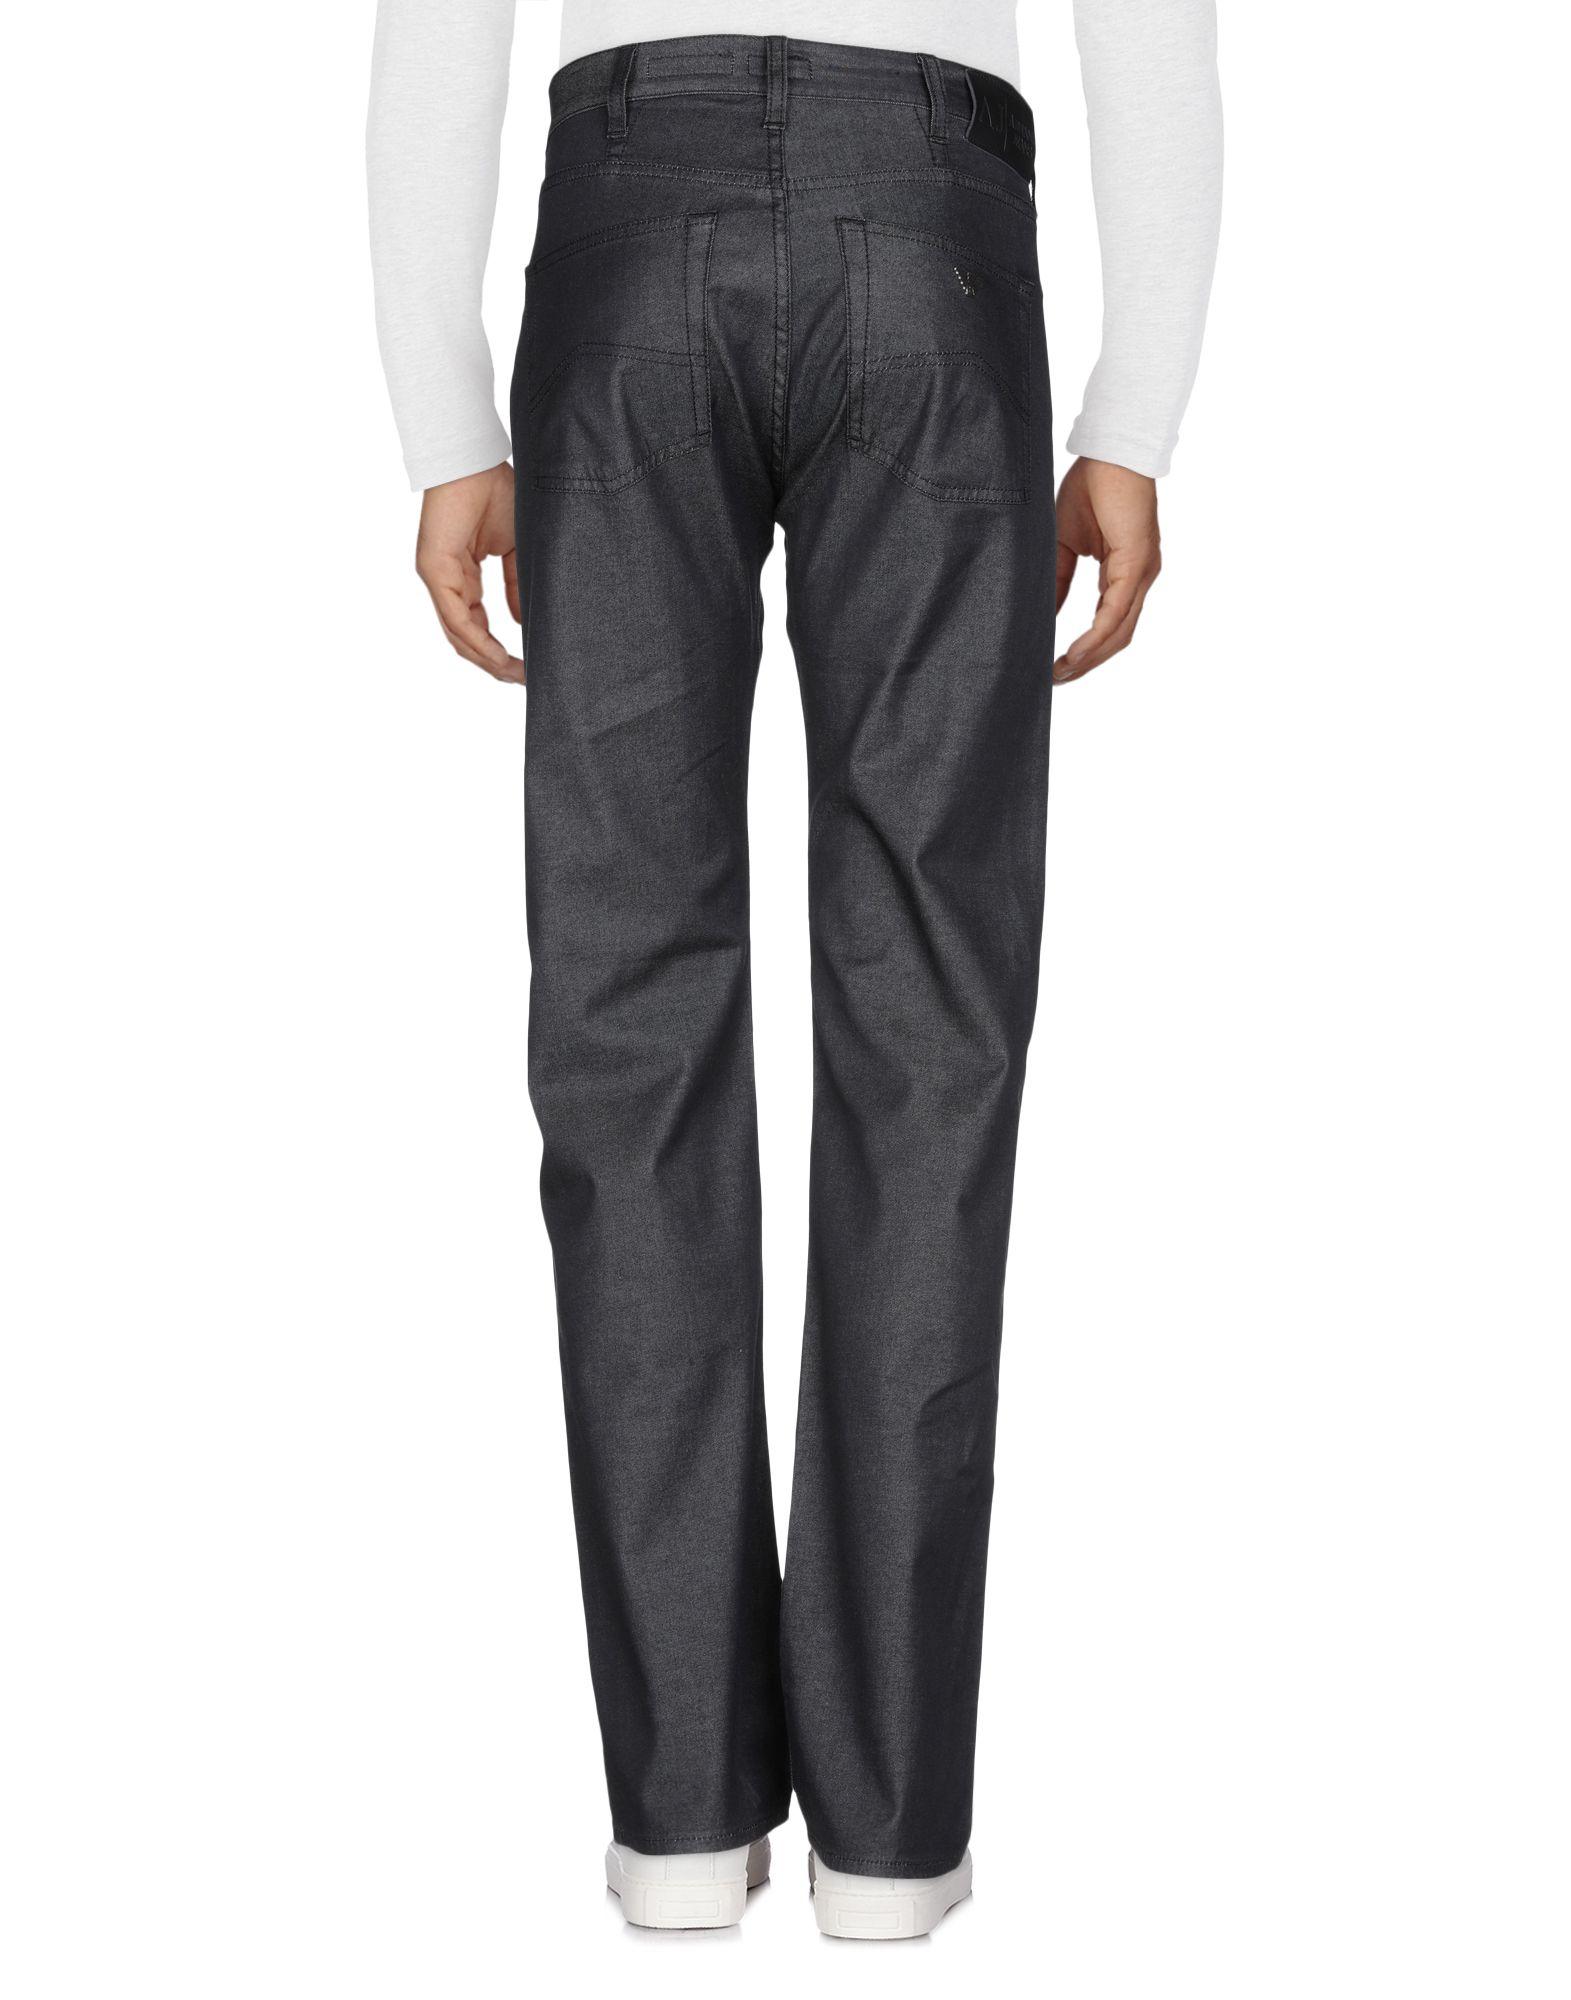 Pantaloni 42686383VI Jeans Armani Jeans Uomo - 42686383VI Pantaloni d866d3